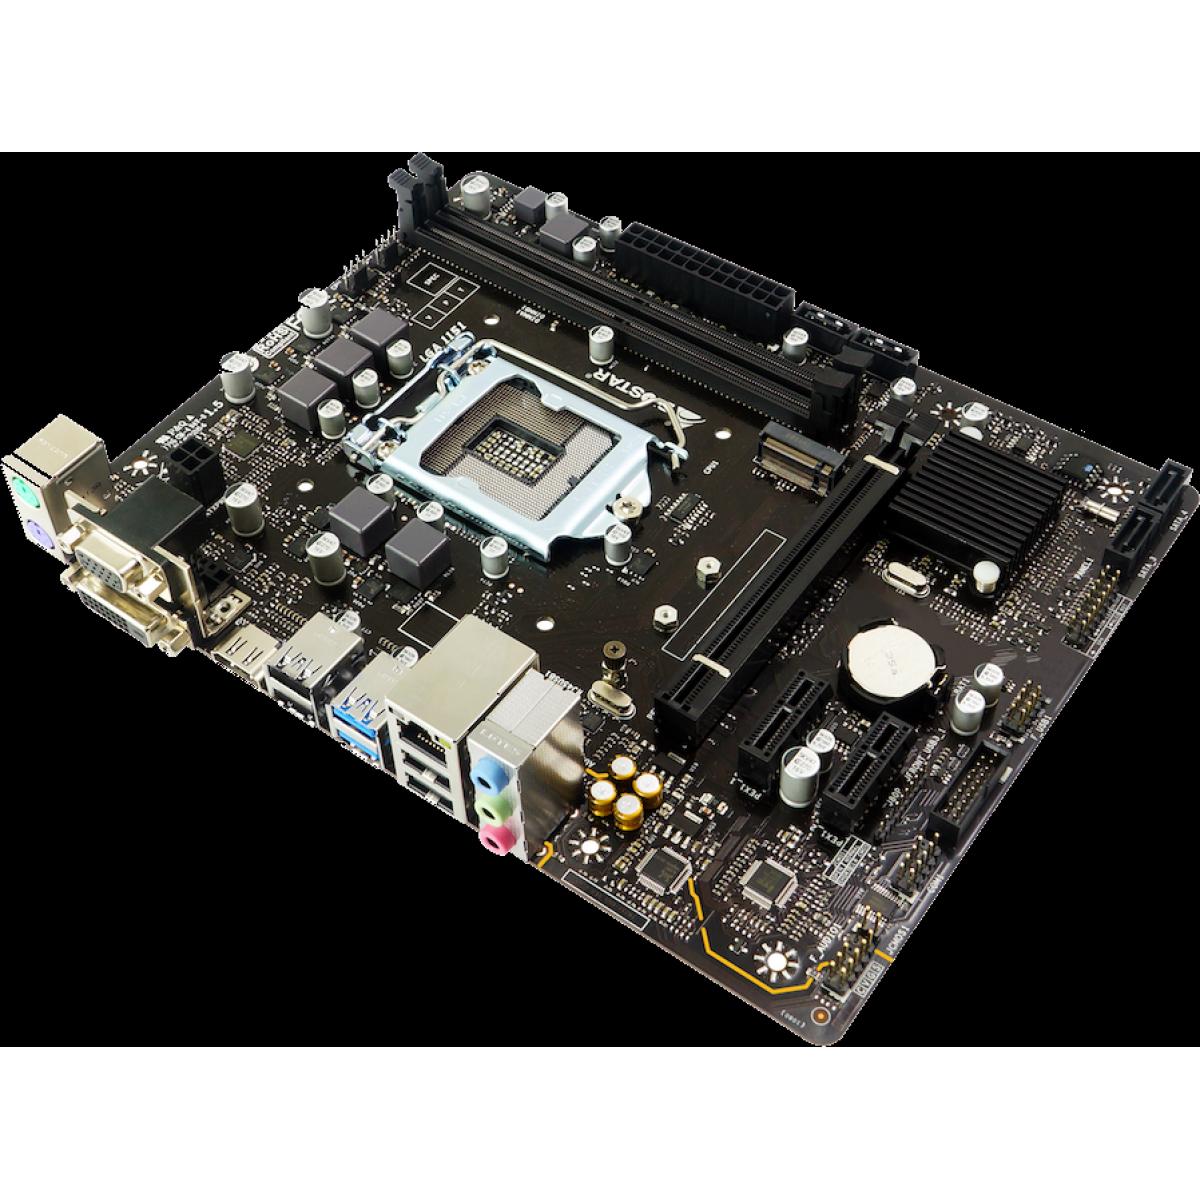 Placa Mãe Biostar H310MHD PRO 2, Chipset H310, Intel LGA 1151, mATX, DDR4